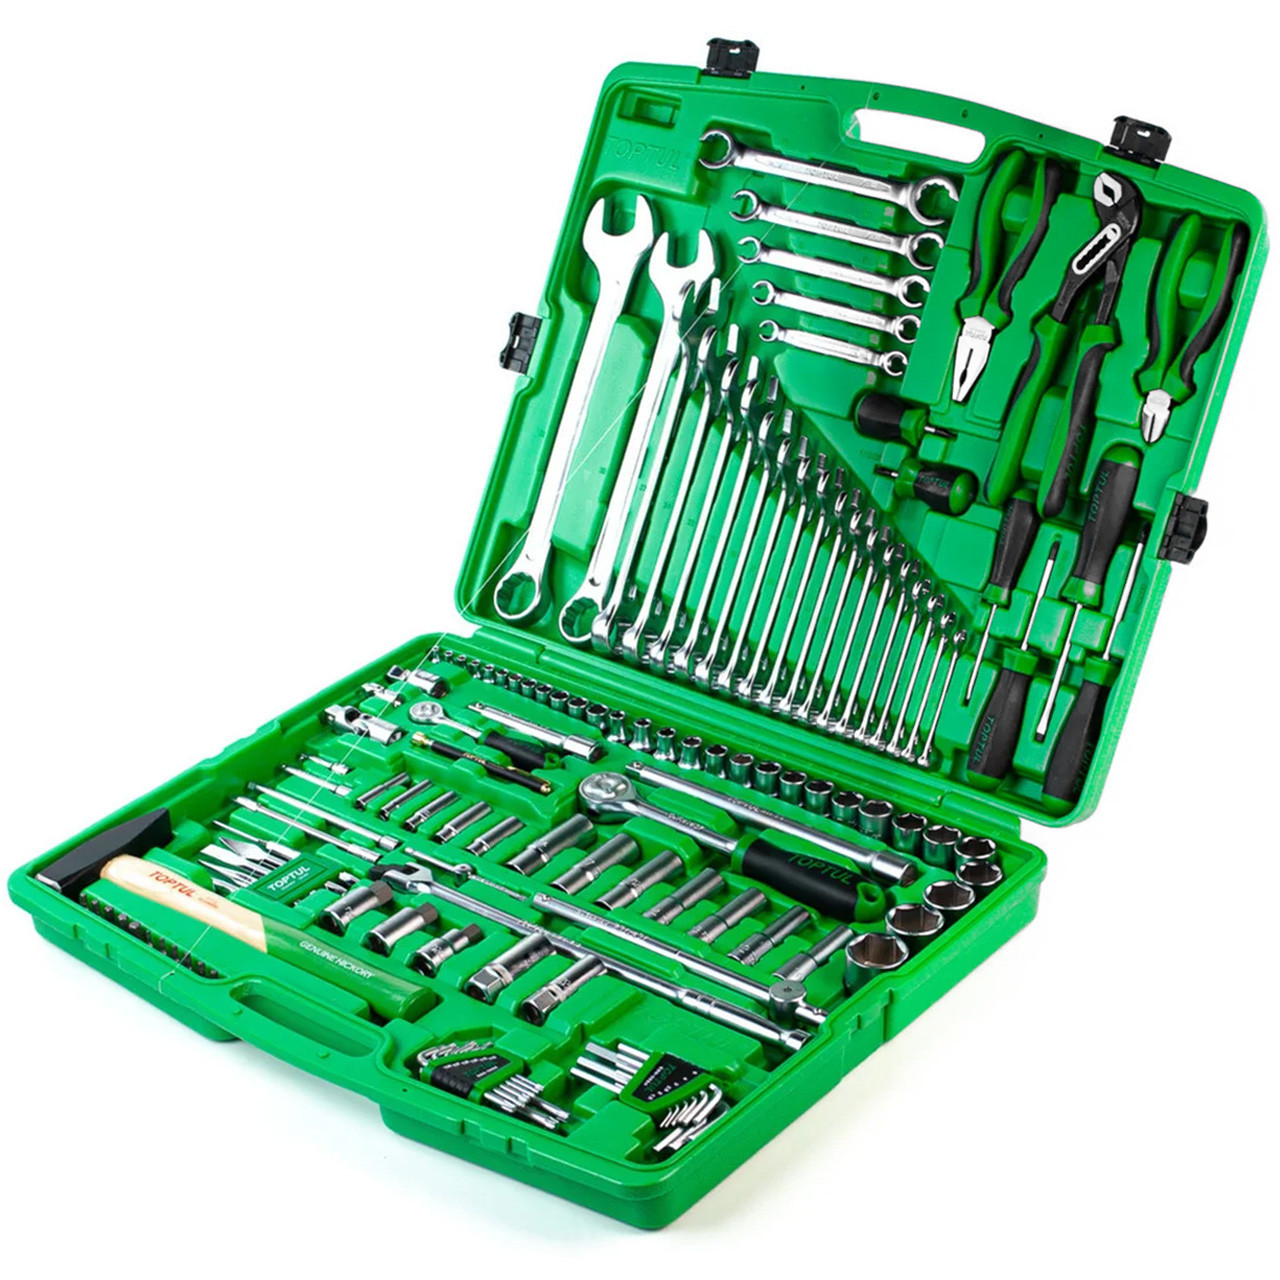 Якісний набір інструментів для авто 130 од. - ТОП-набір від TOPTUL (GCAI130T), набір інструмента в гараж